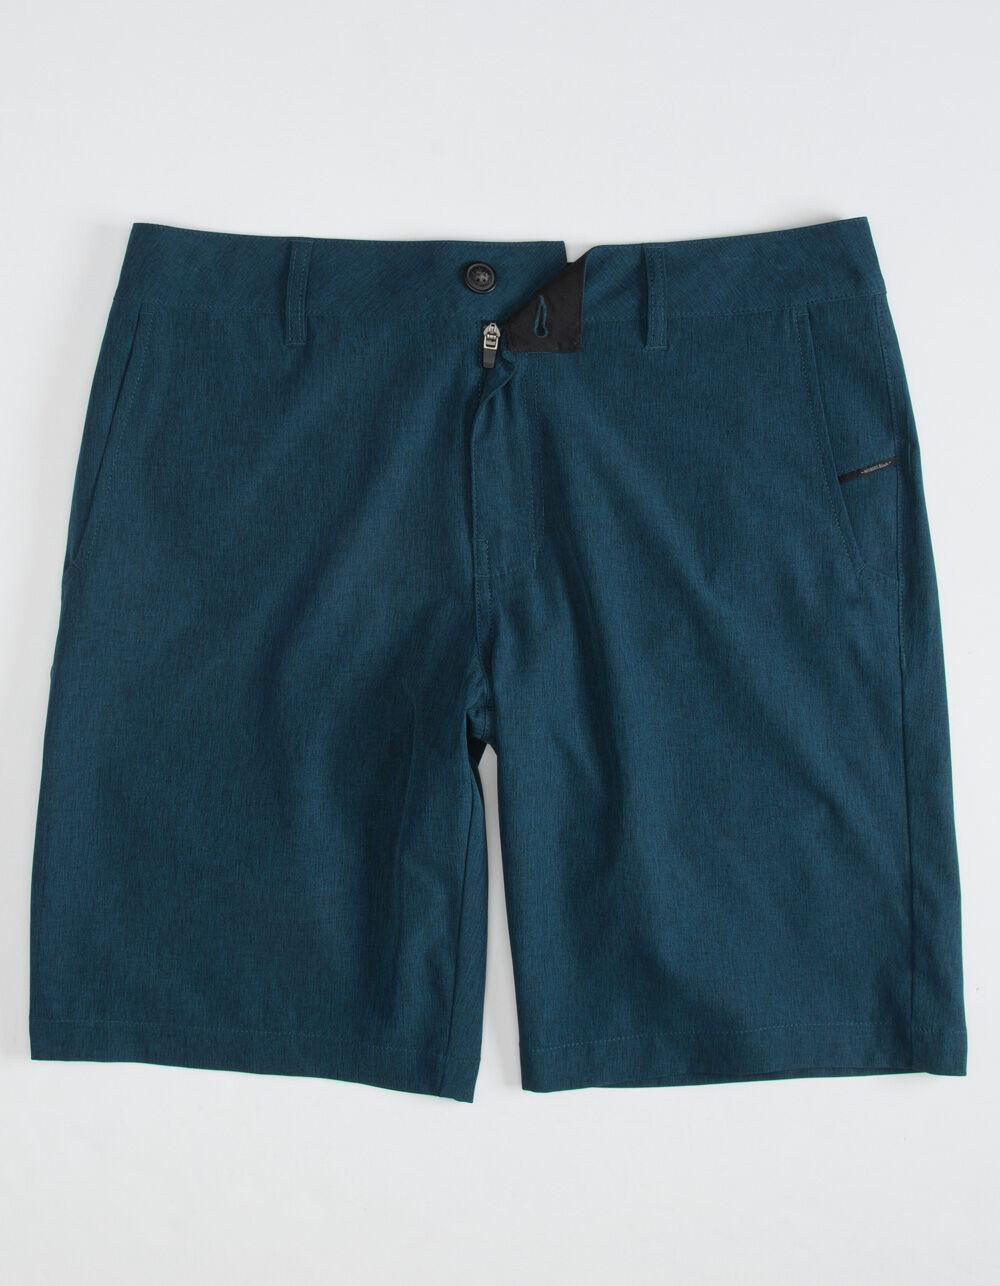 NITROUS BLACK Format Navy Hybrid Shorts